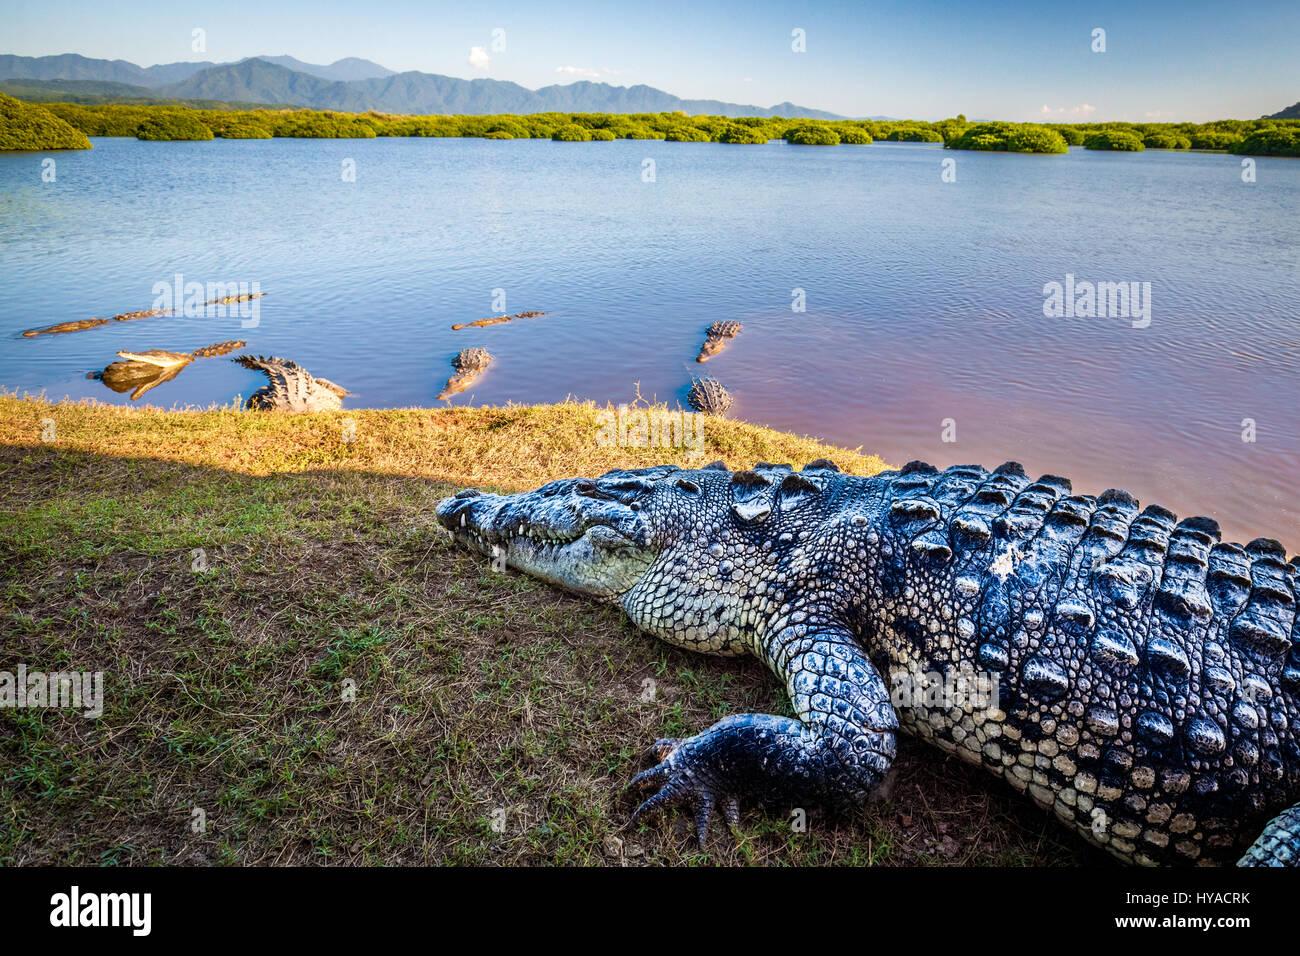 Mehrere große Krokodile hängen in der Nähe von Mangroven von San Blas, Nayarit, Mexiko. Stockbild